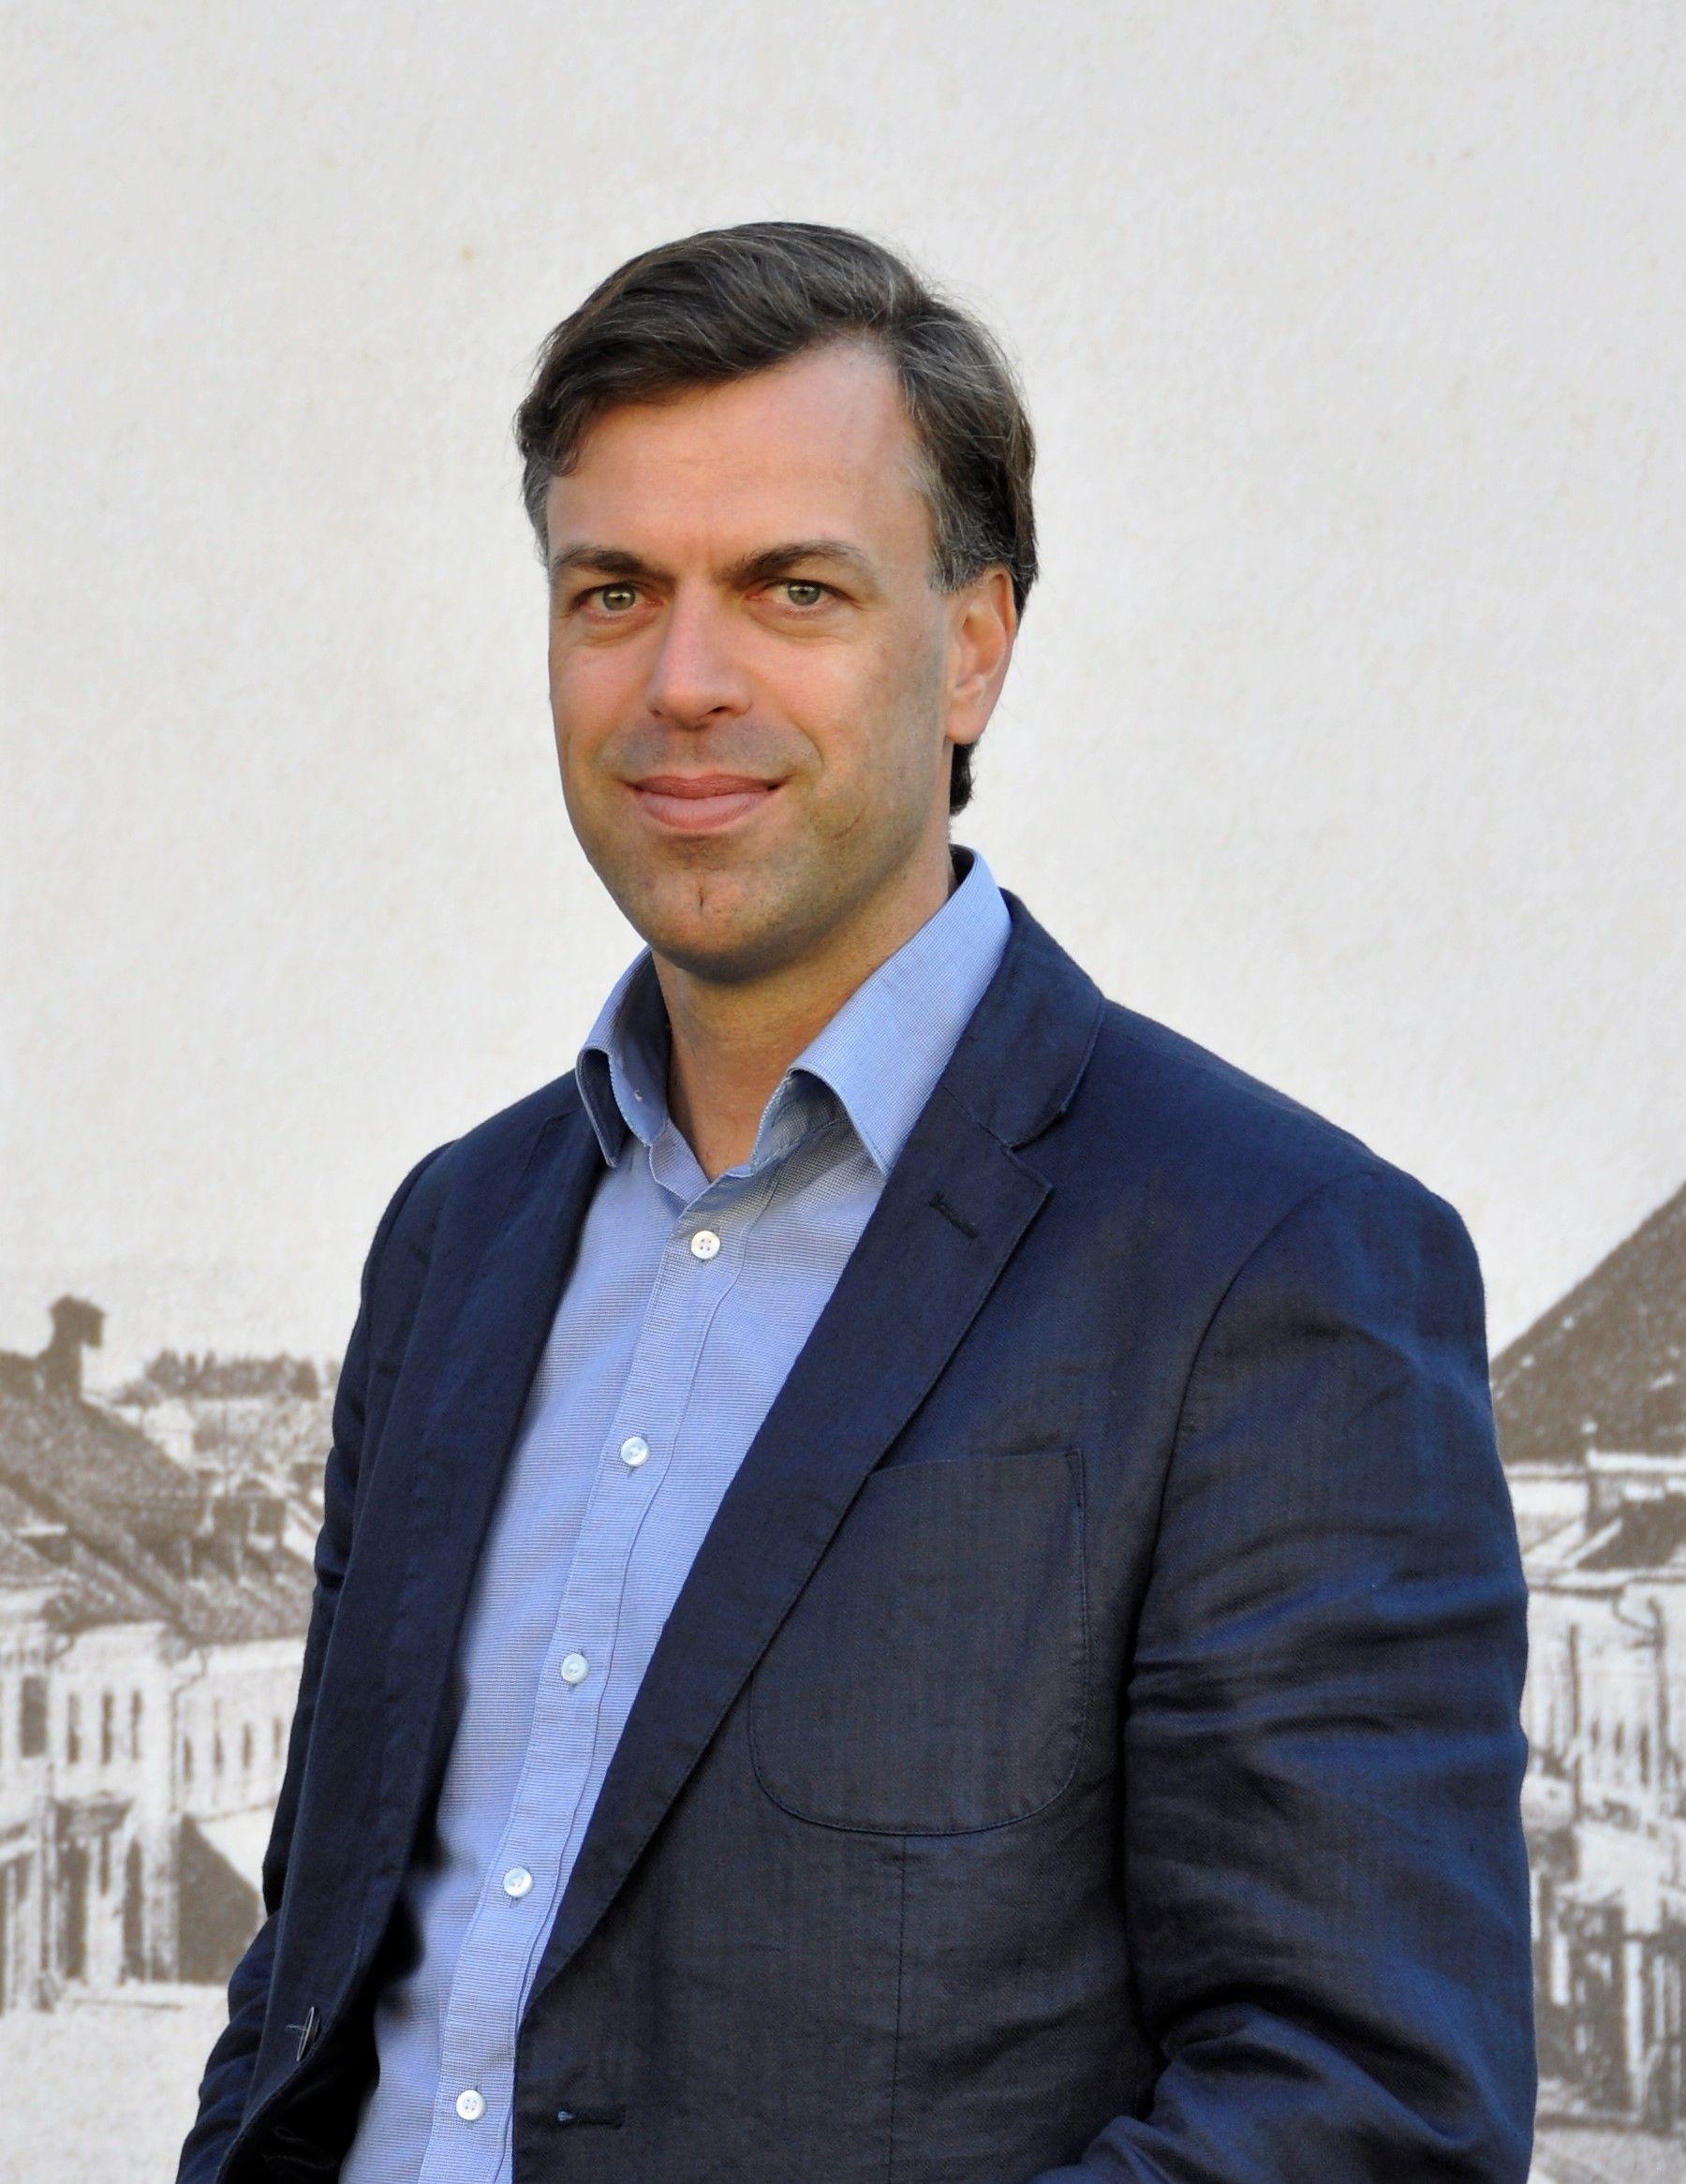 Gregor macedoni